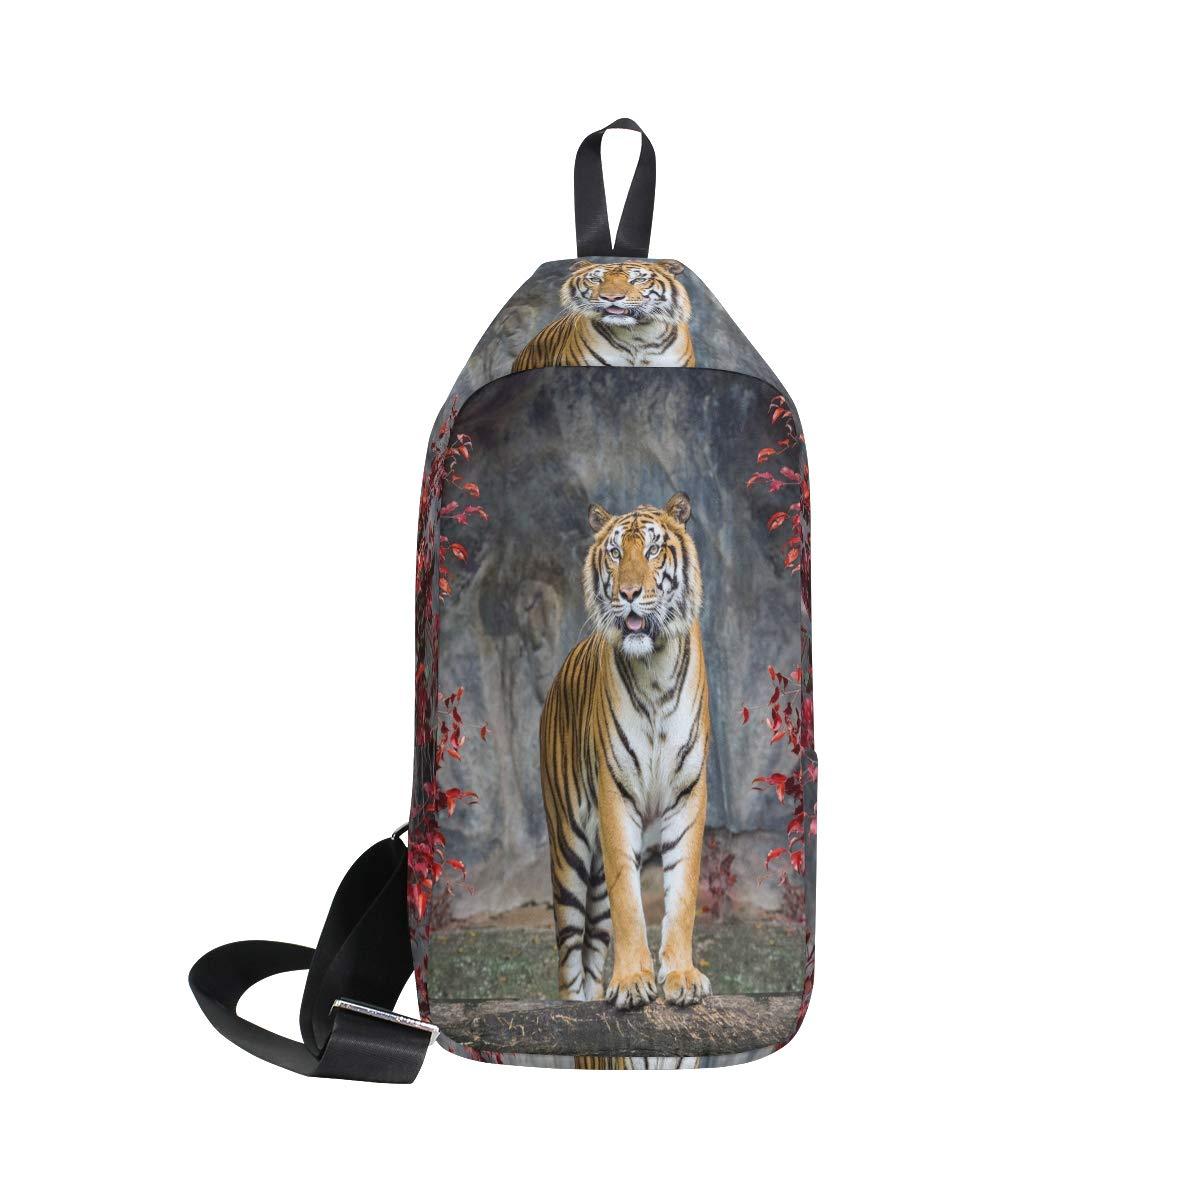 TFONE Animal Tiger Pattern Crossbody Bag Lightweight Chest Shoulder Messenger Pack Backpack Sling Bag